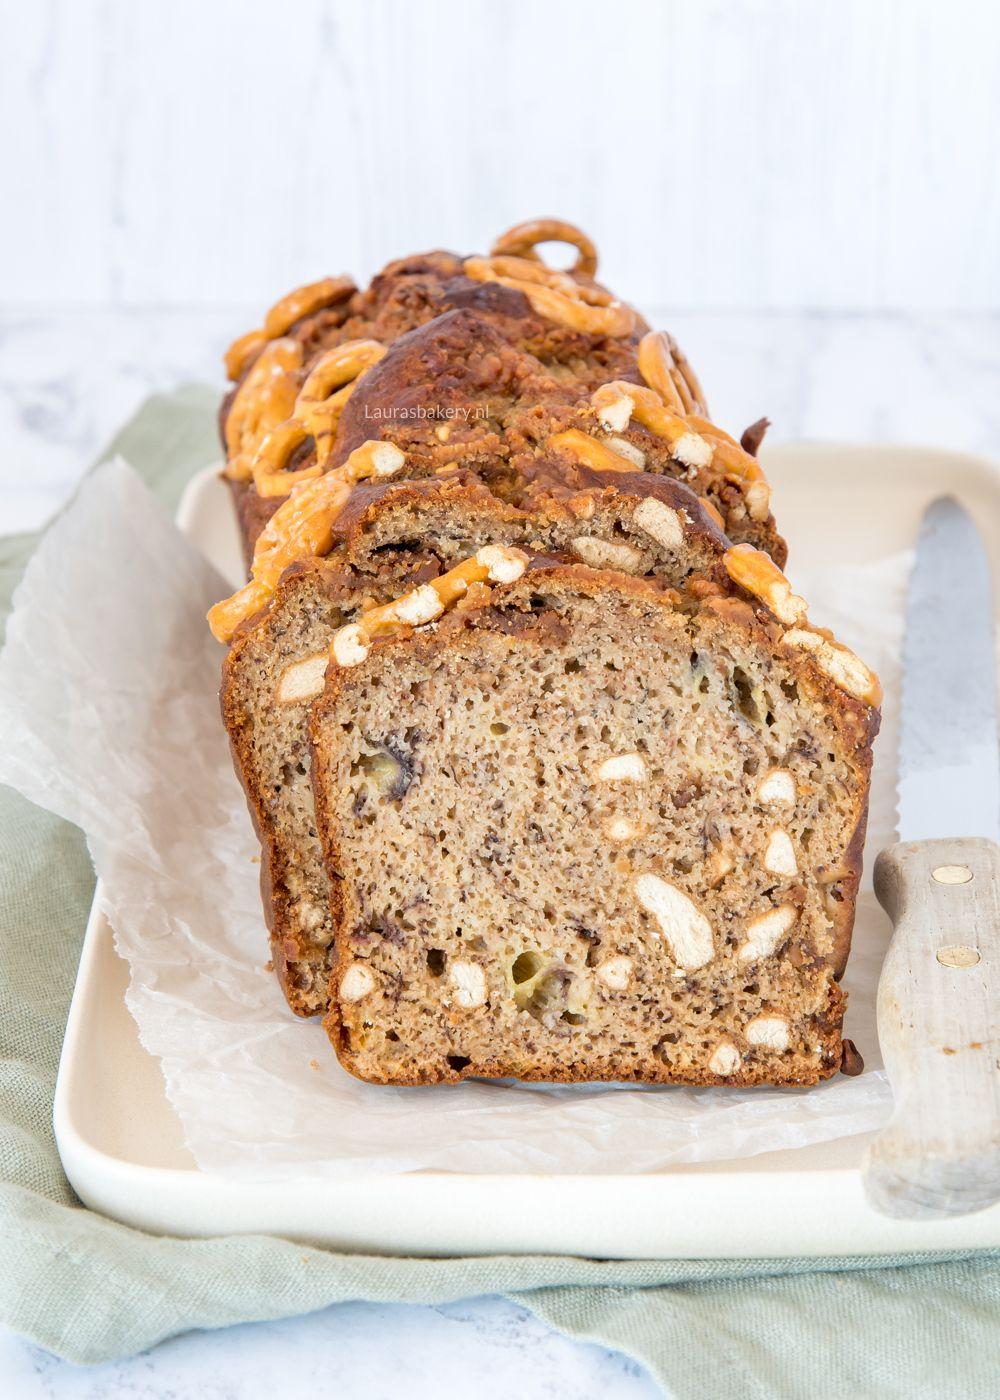 Pindakaas-pretzel bananenbrood